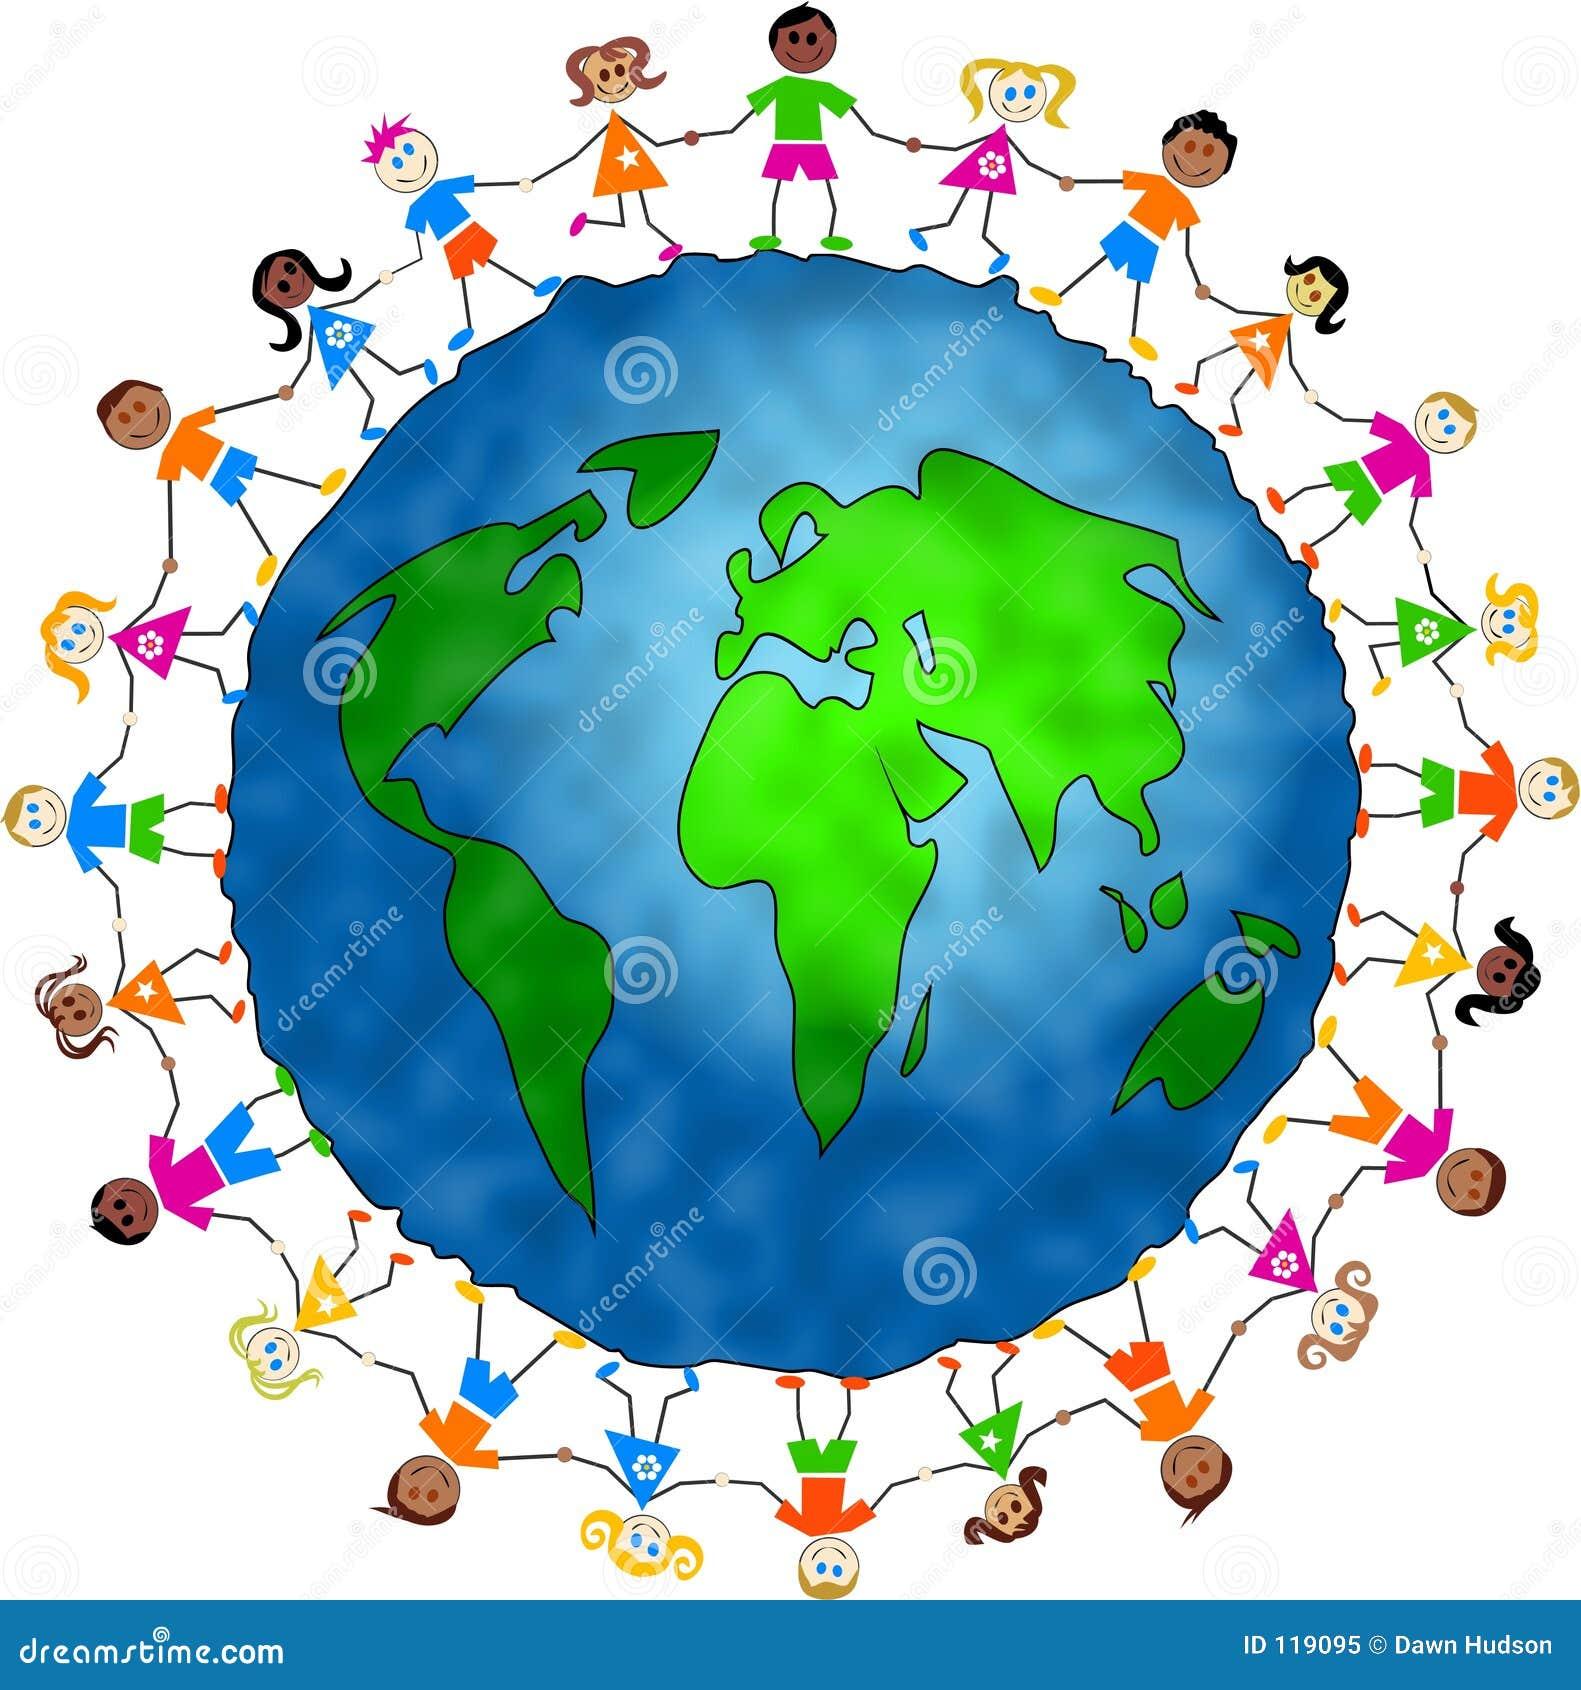 Global Kids